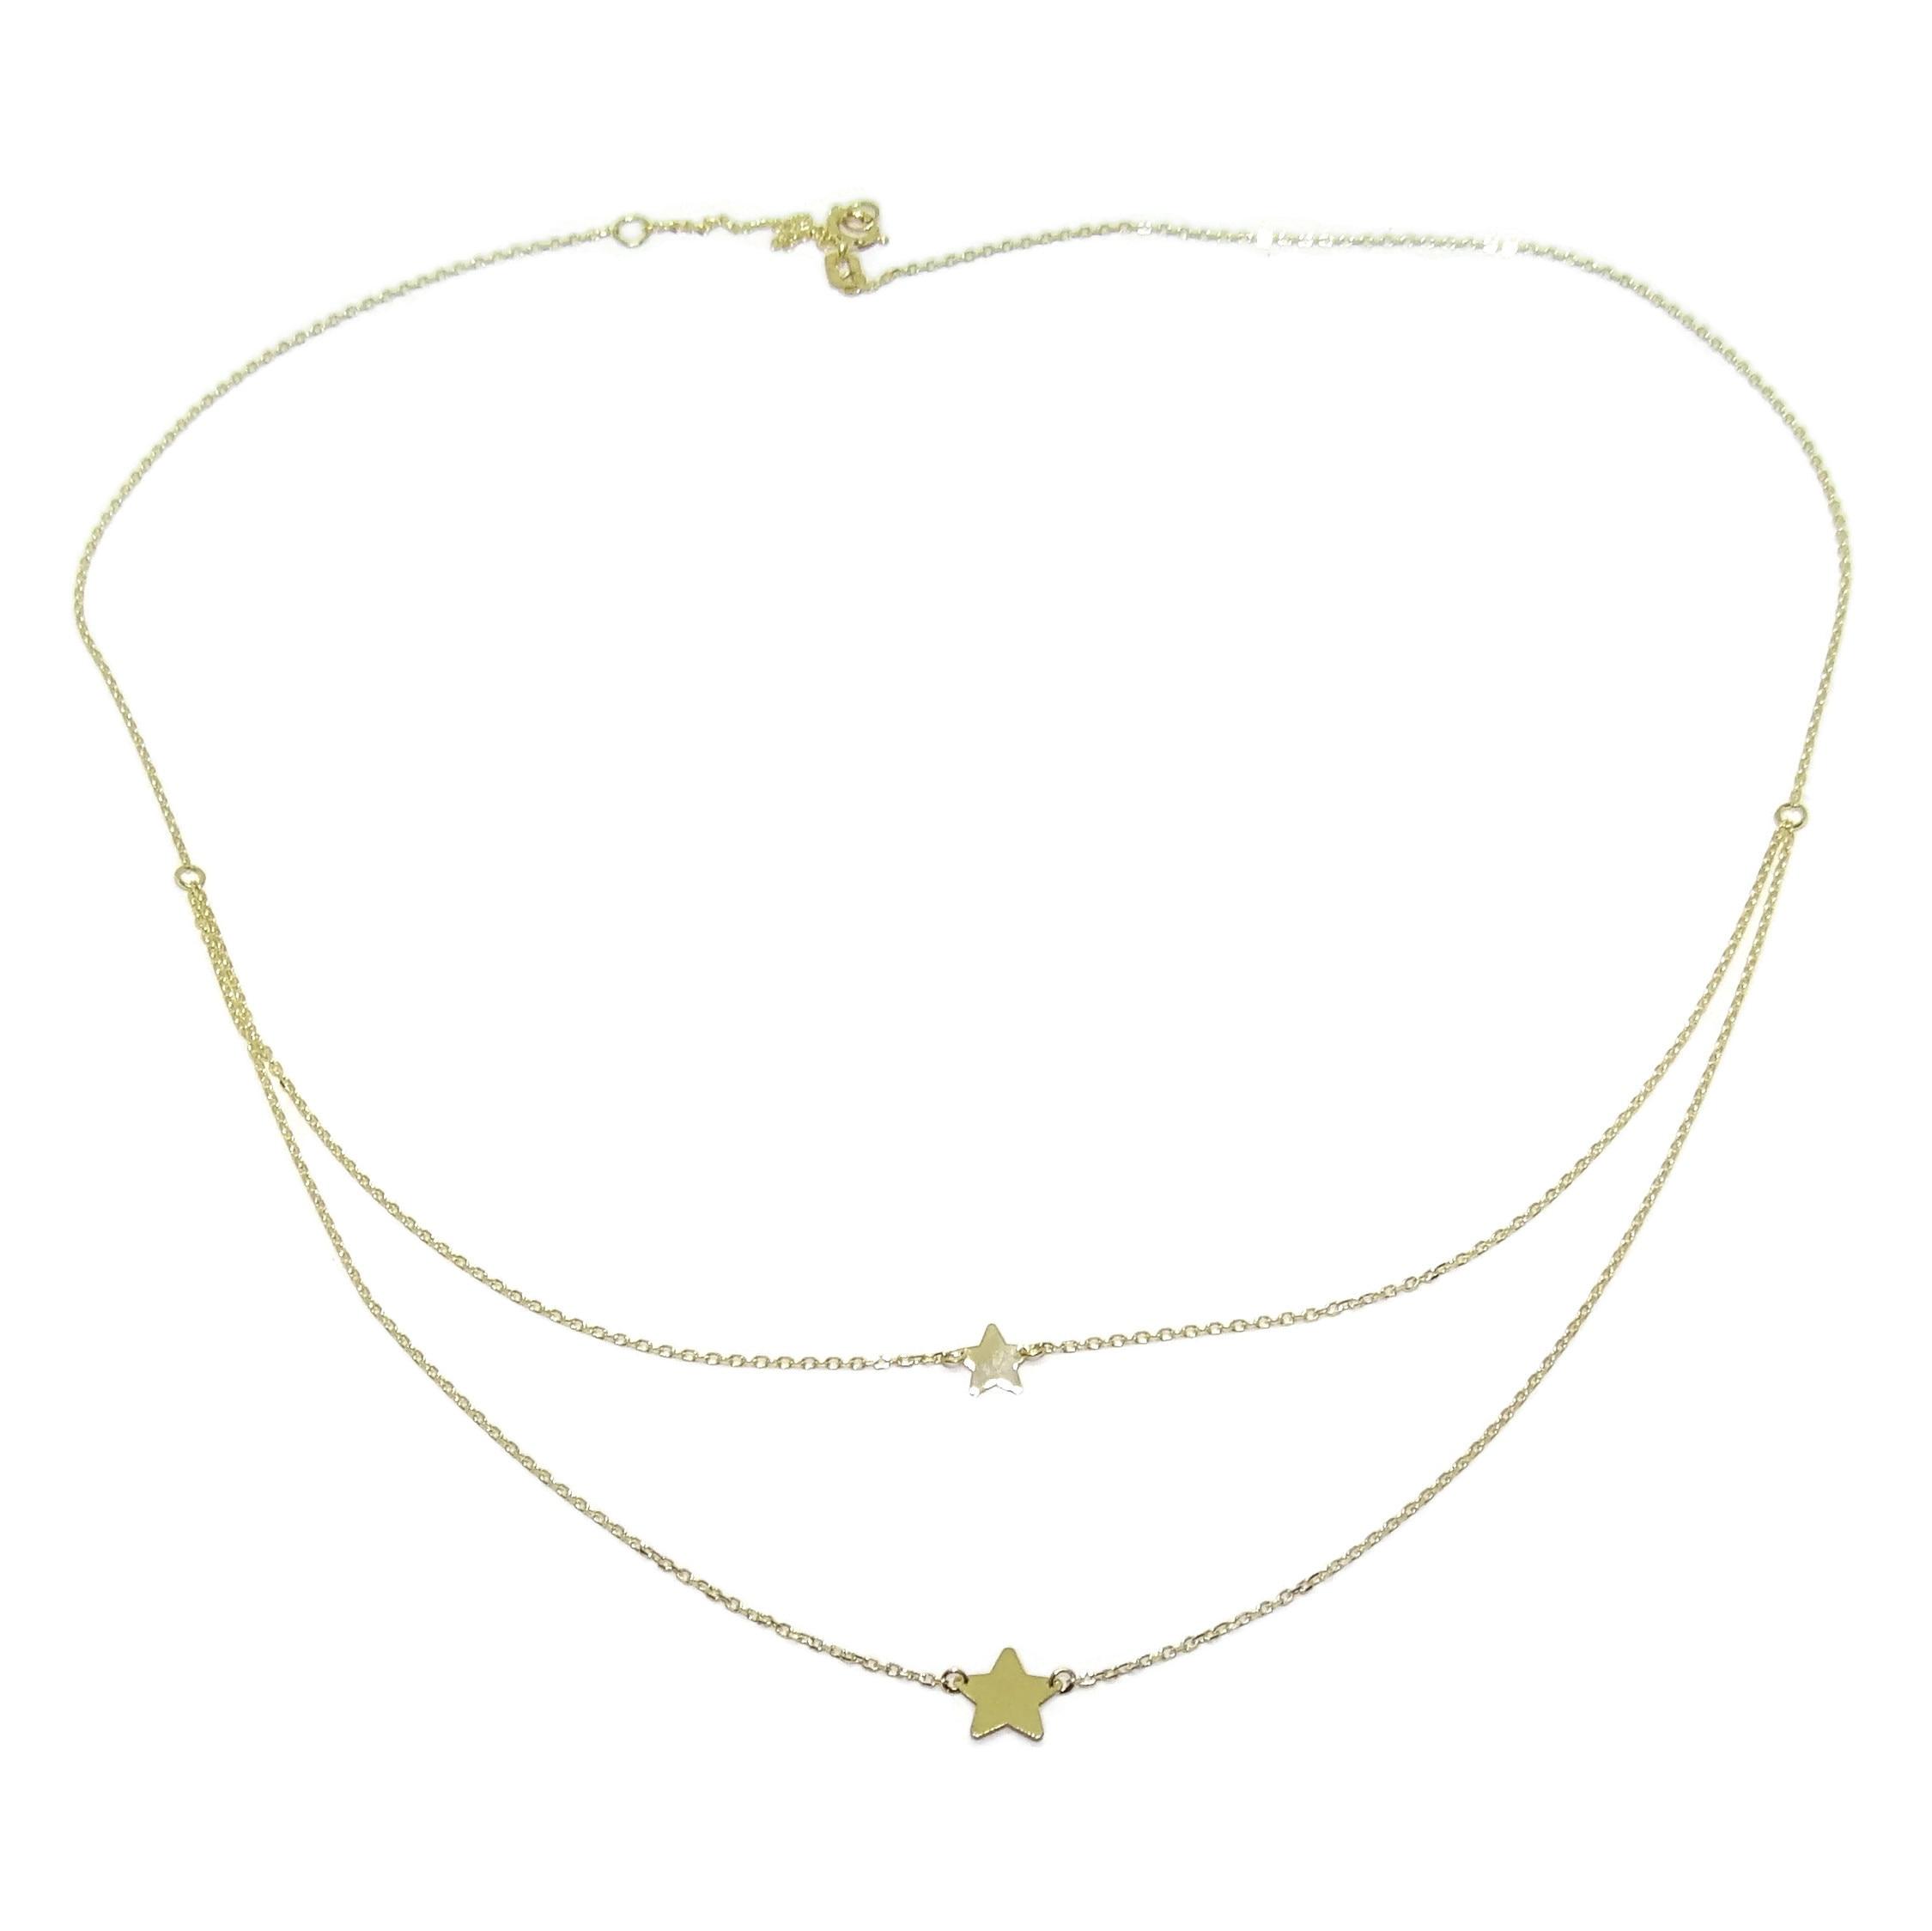 Collier moderne Doble de Oro Amarillo de 18k avec Cadena Mini Forzada Dos Alturas de 45cm 40cm